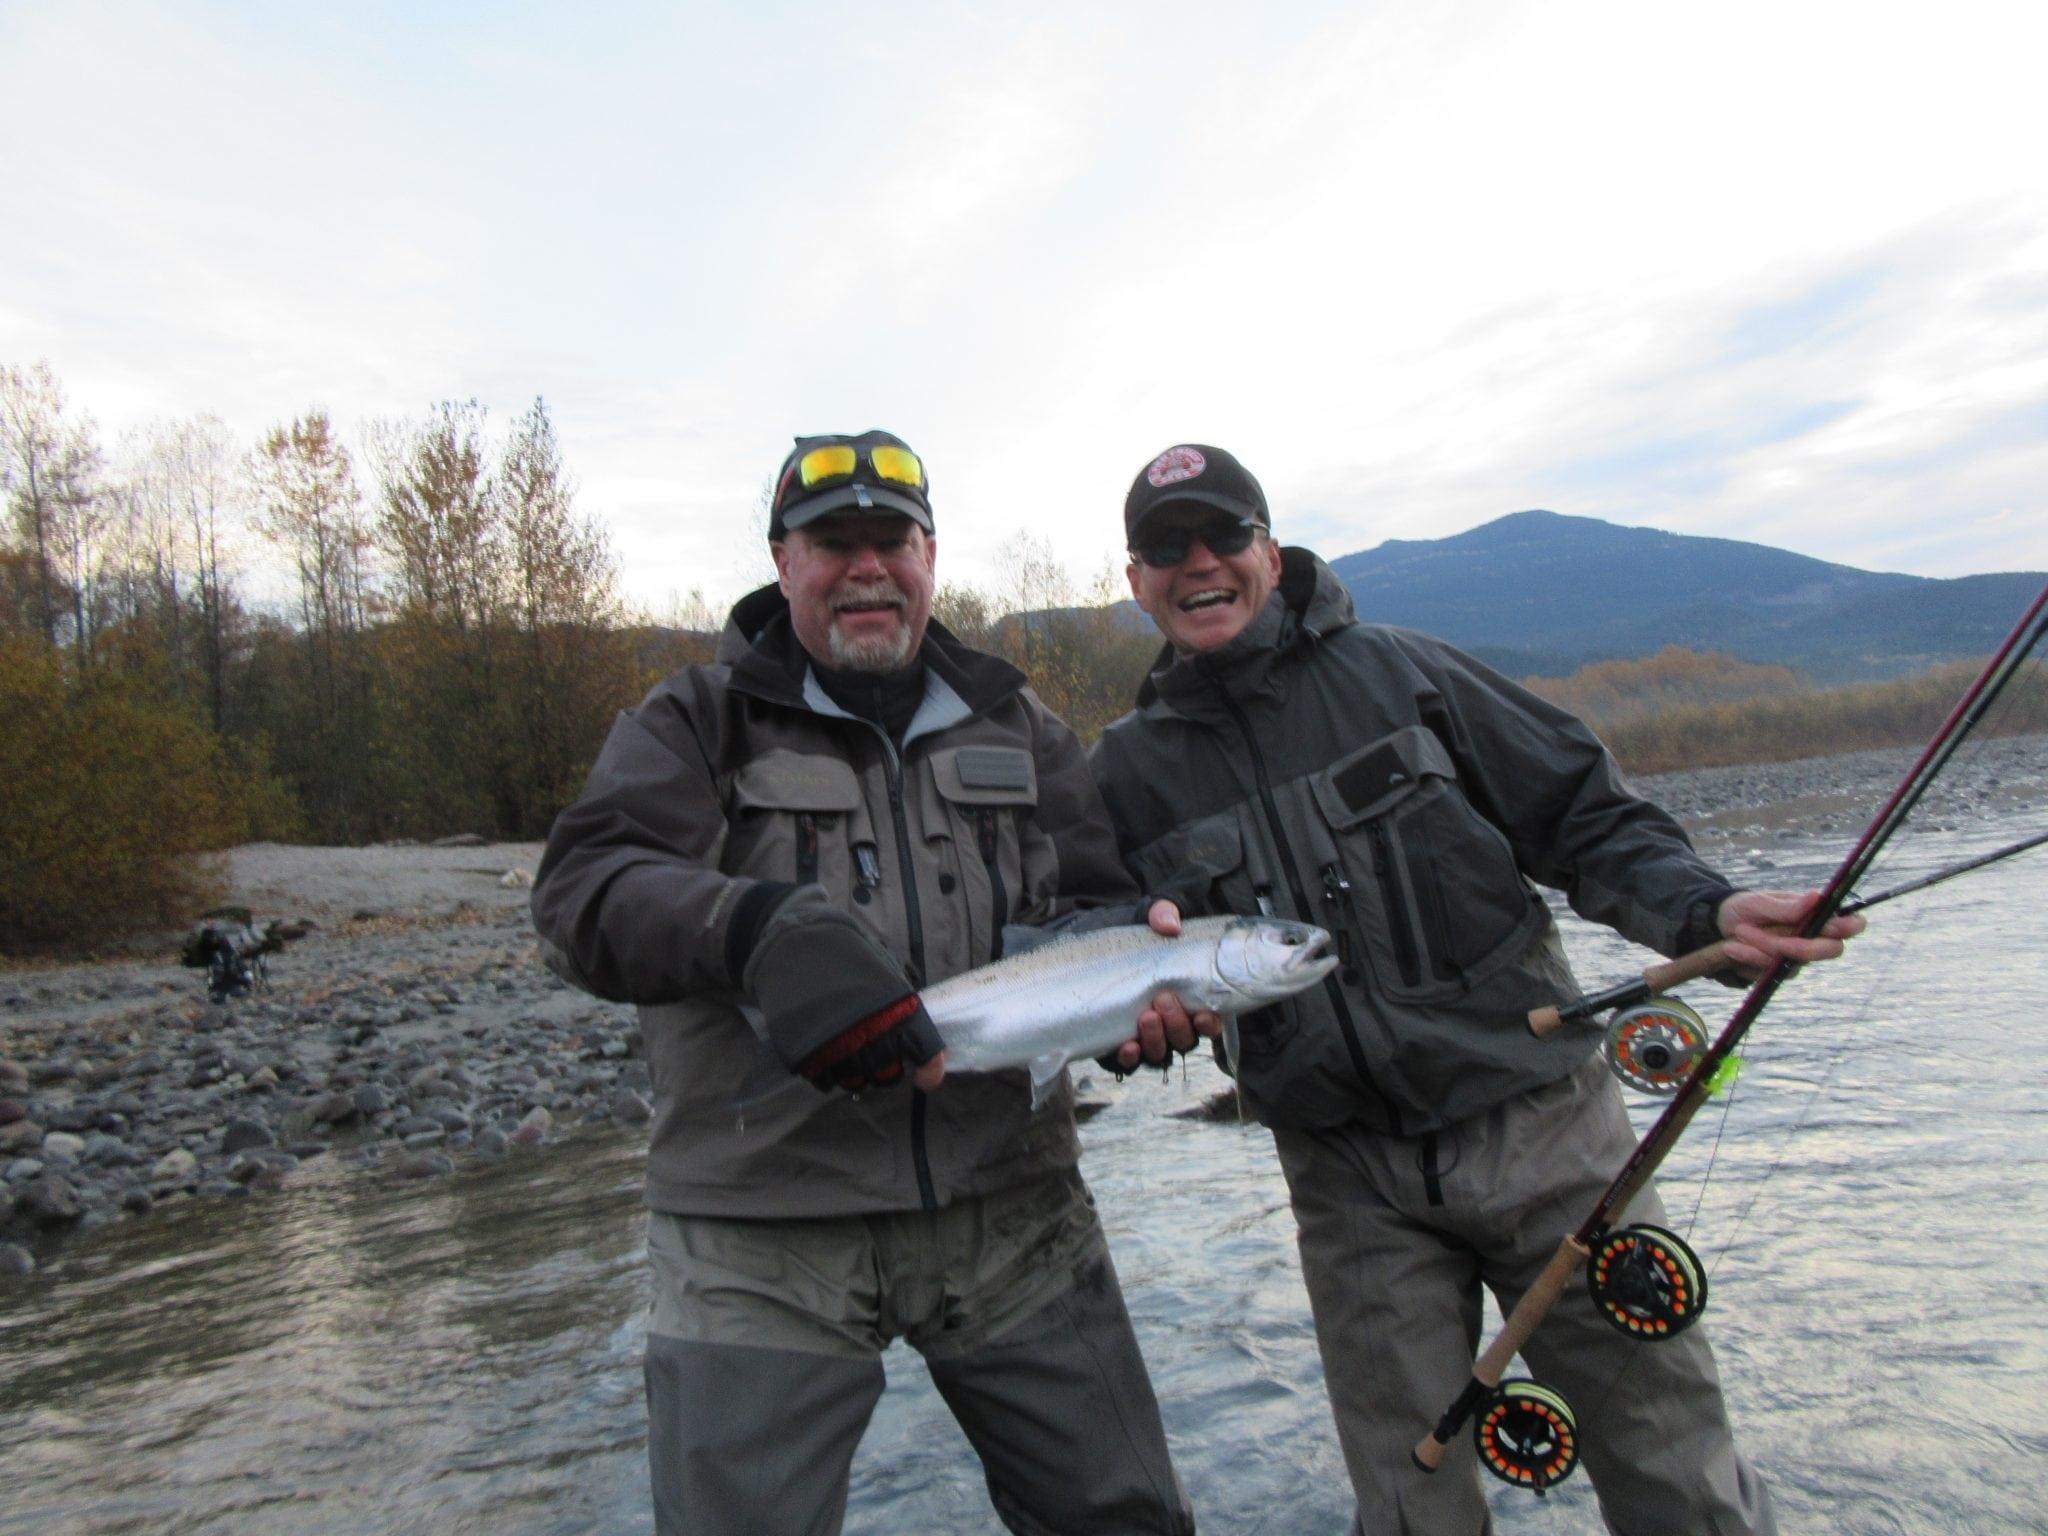 Pacific_Angler_Fishing